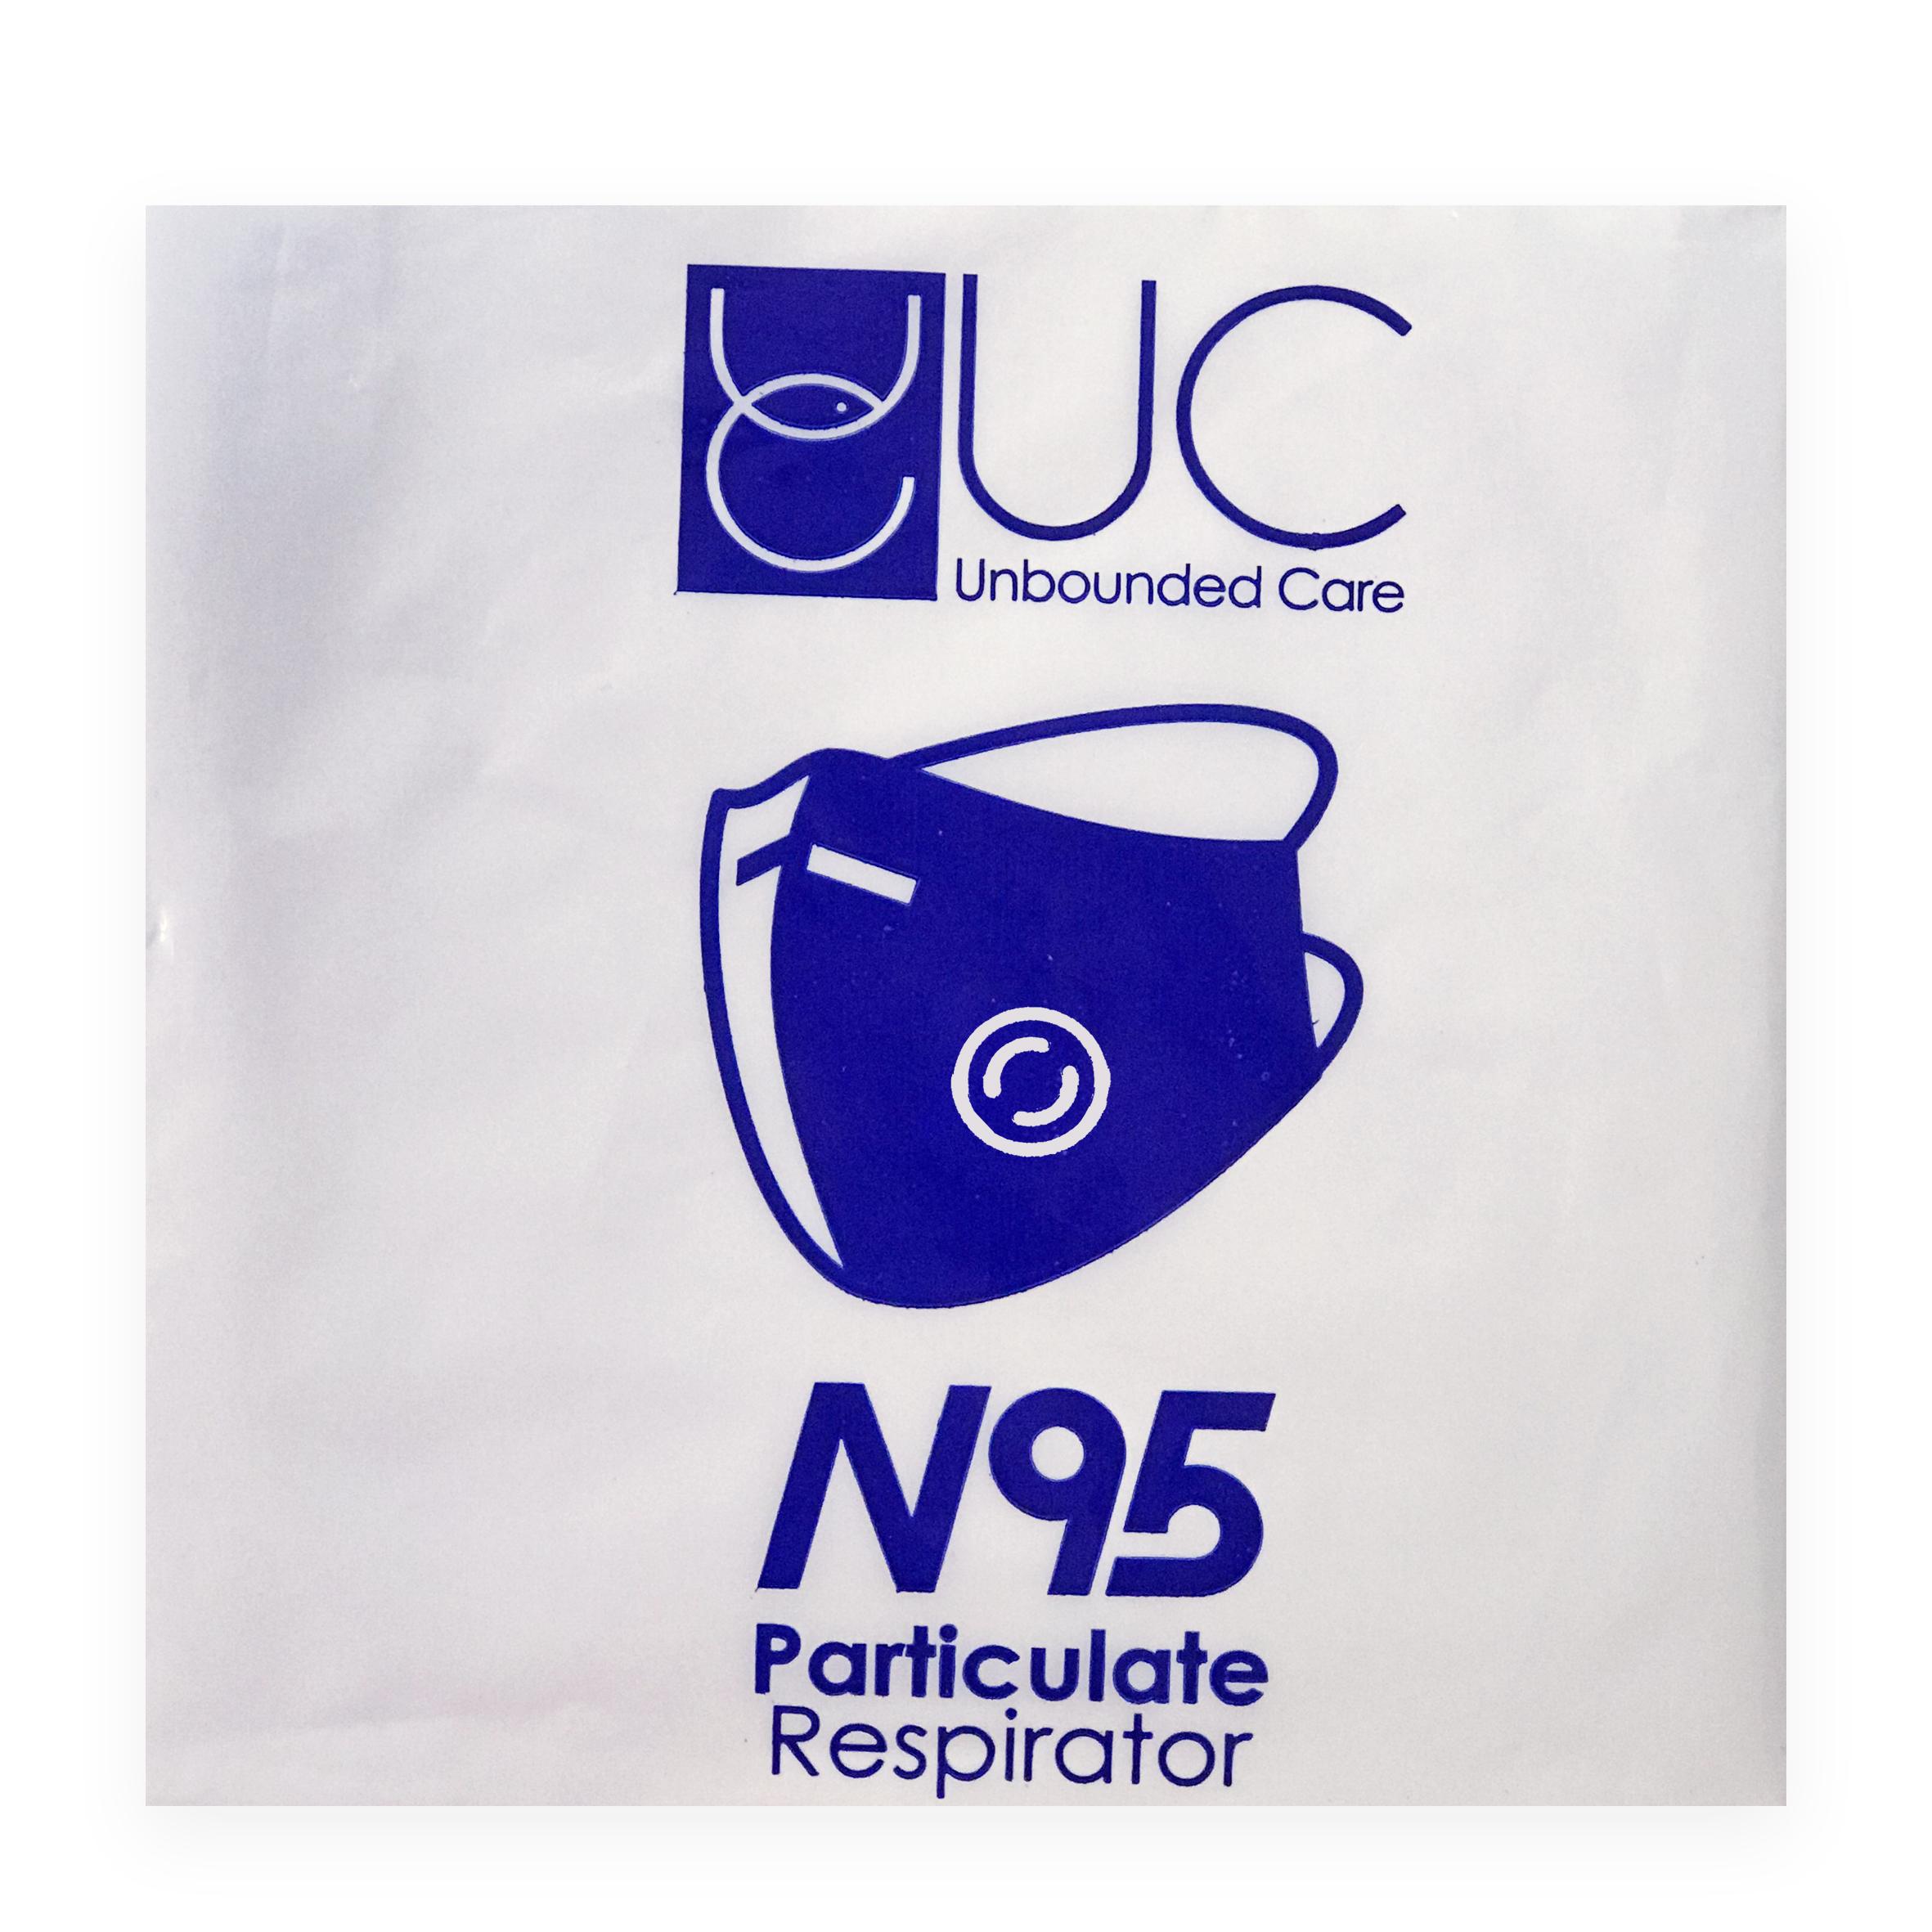 ماسک تنفسی  UC N95 مدل HY8222 FFP2 بسته 20 عددی